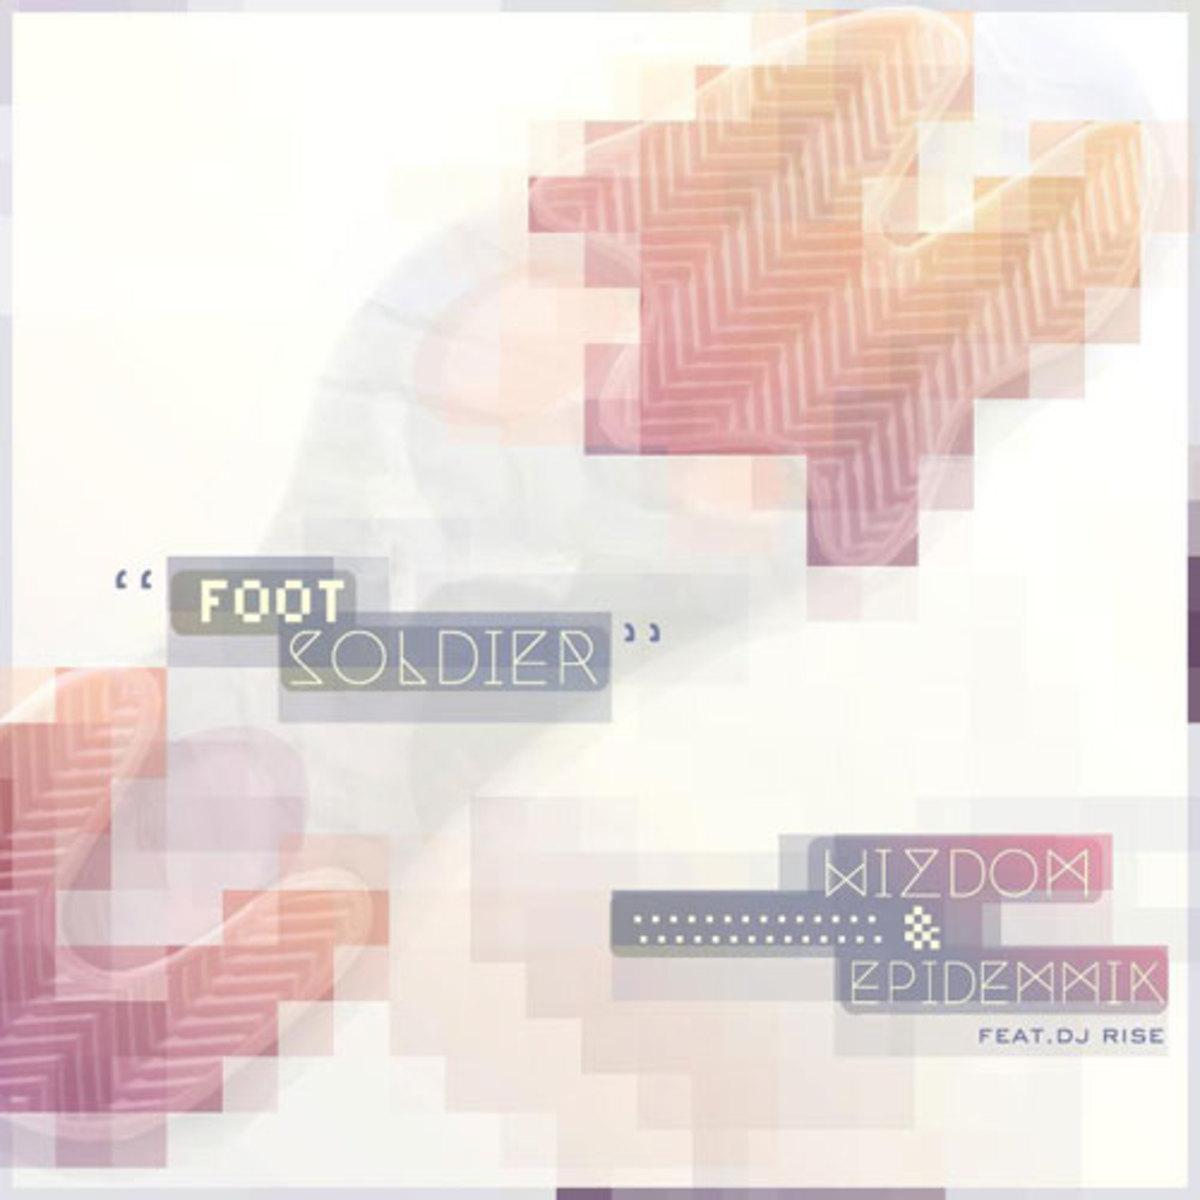 wizepi-footsoldier.jpg